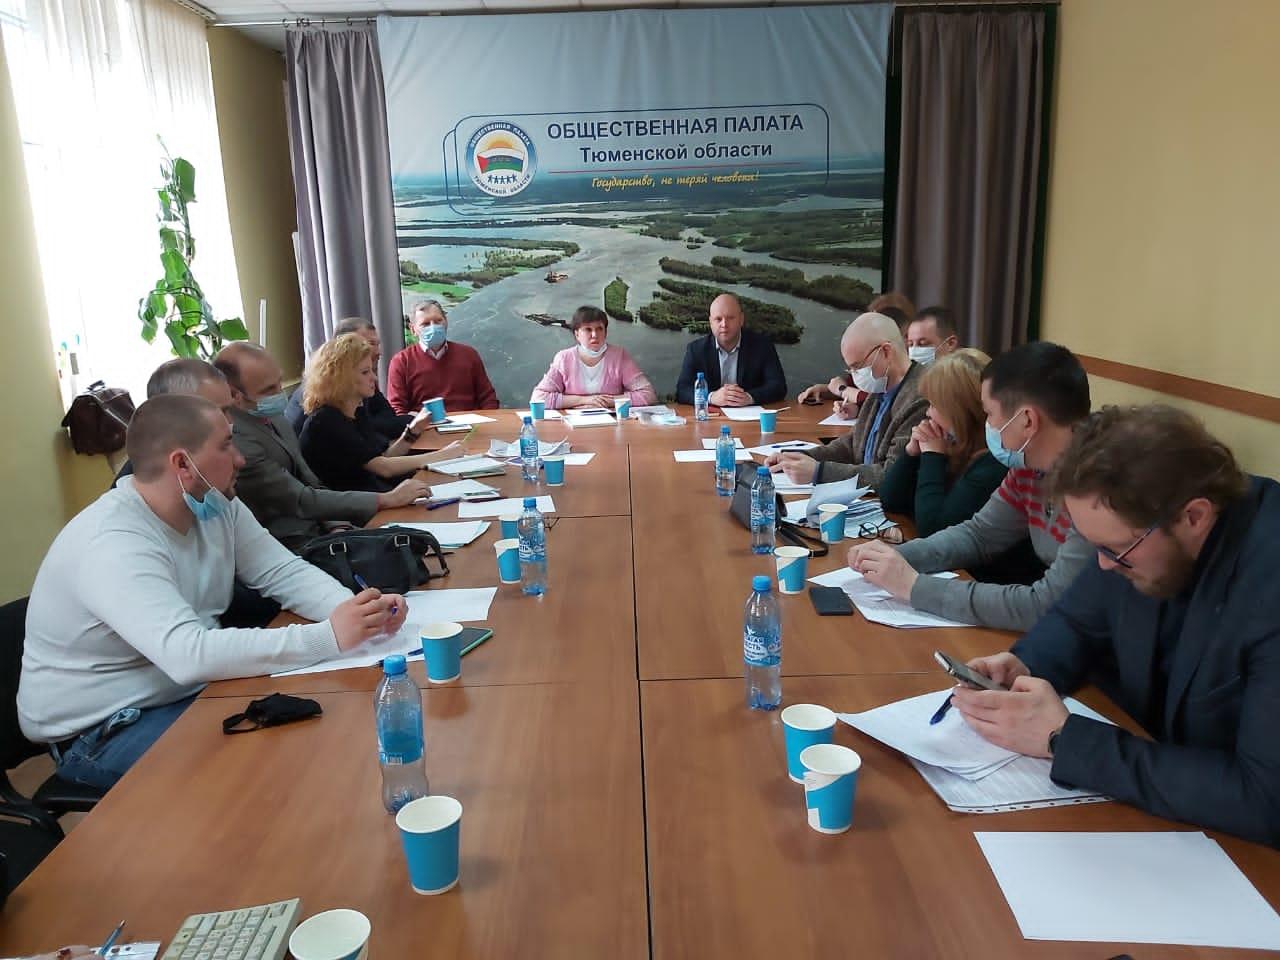 Члены Тюменского регионального отделения Российского экологического общества приняли участие в круглом столе на тему ««Снежные полигоны г. Тюмени - оценка экологической безопасности их эксплуатации»